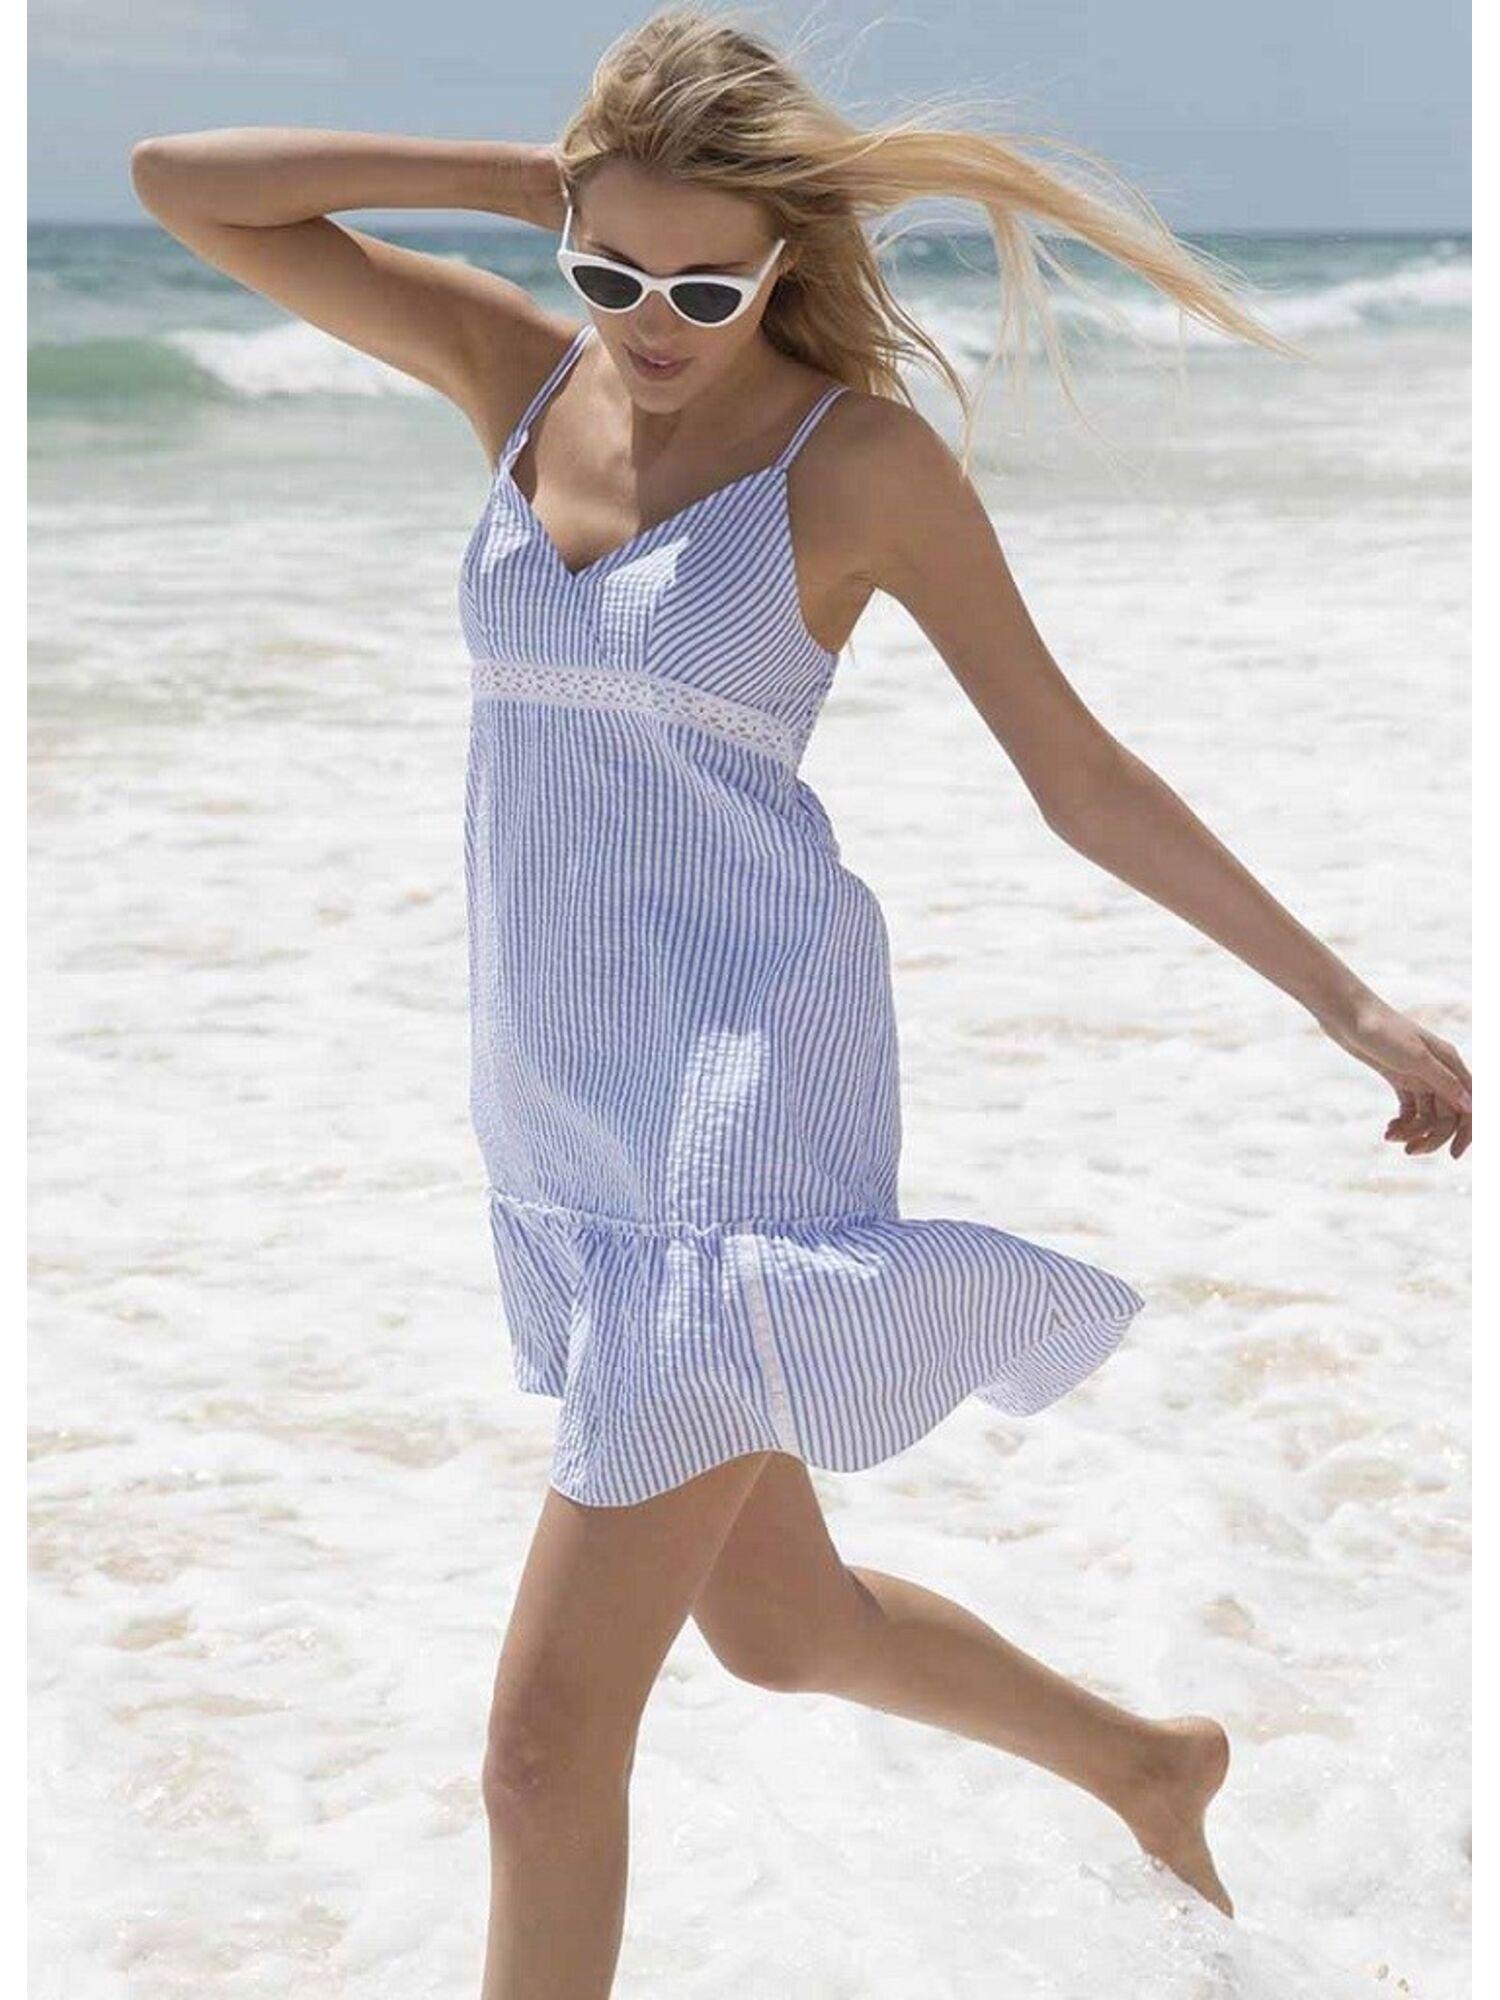 Женское платье пляжное 85576 белый/голубой, Ysabel Mora (Испания)